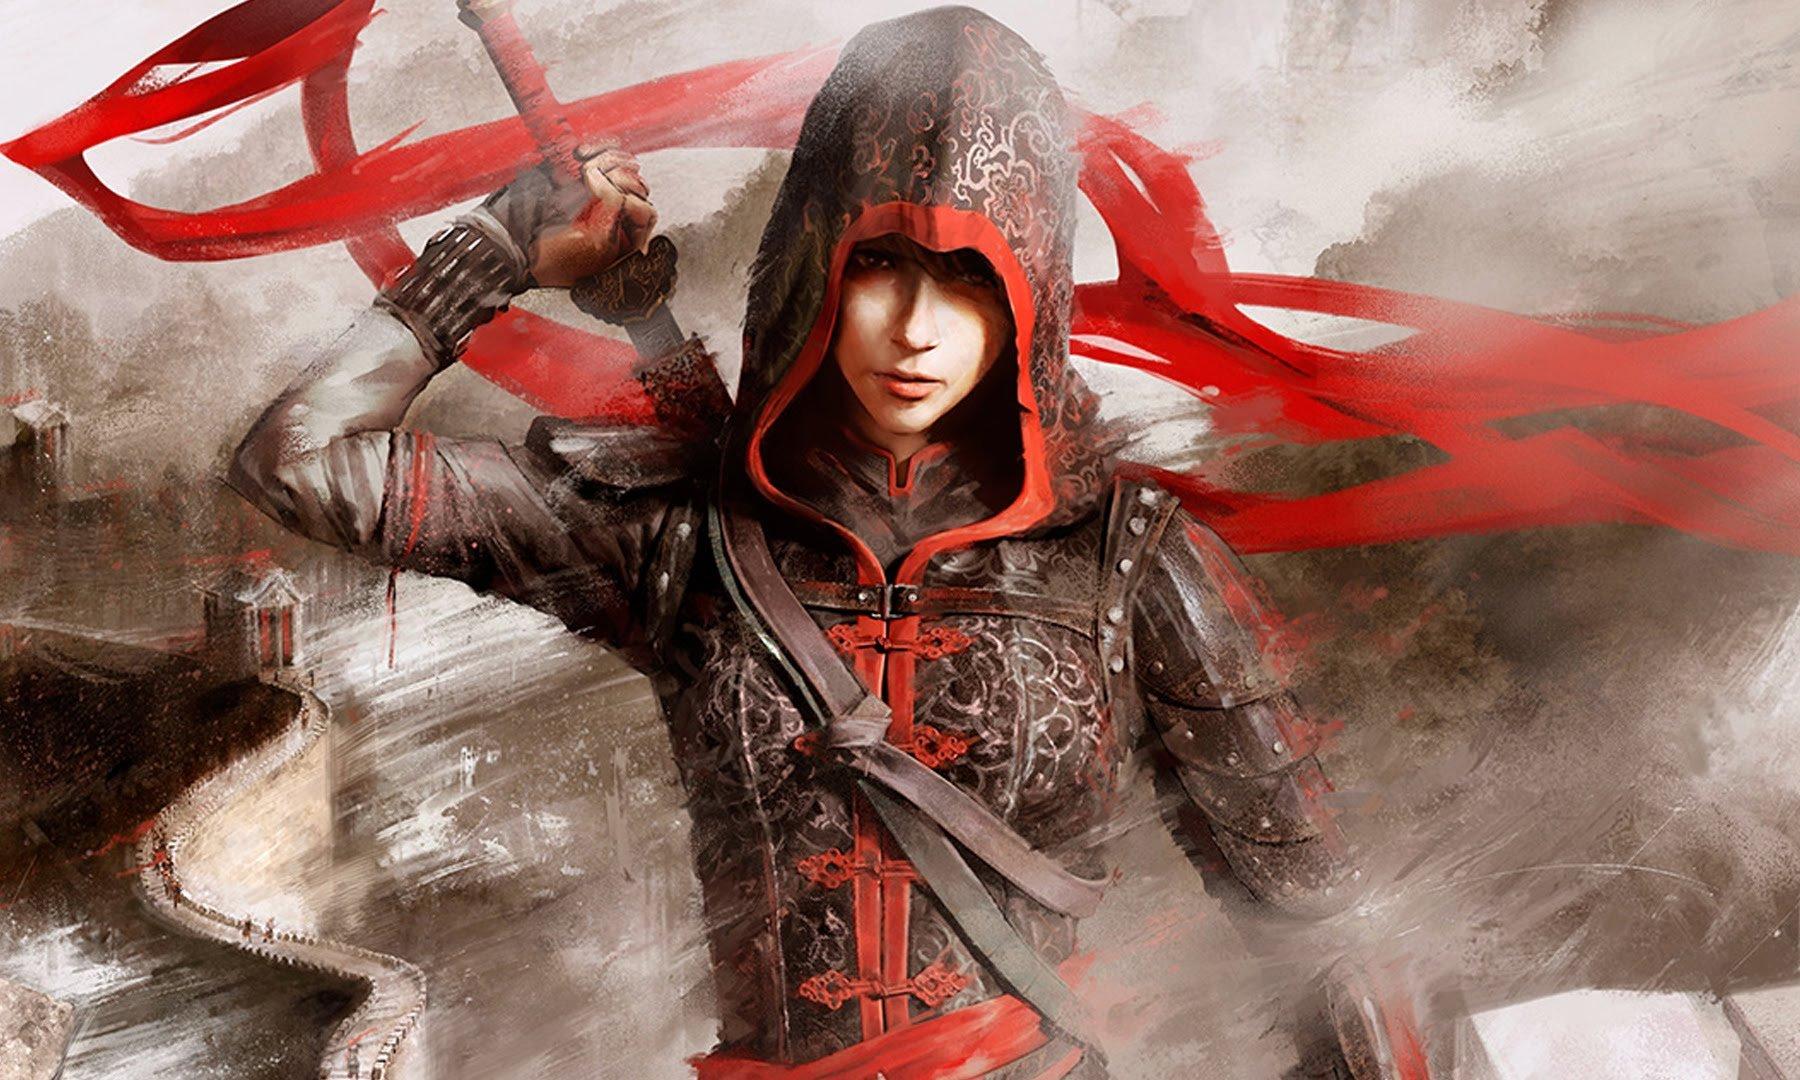 Рецензия: Assassin's Creed Chronicles China. - Изображение 1